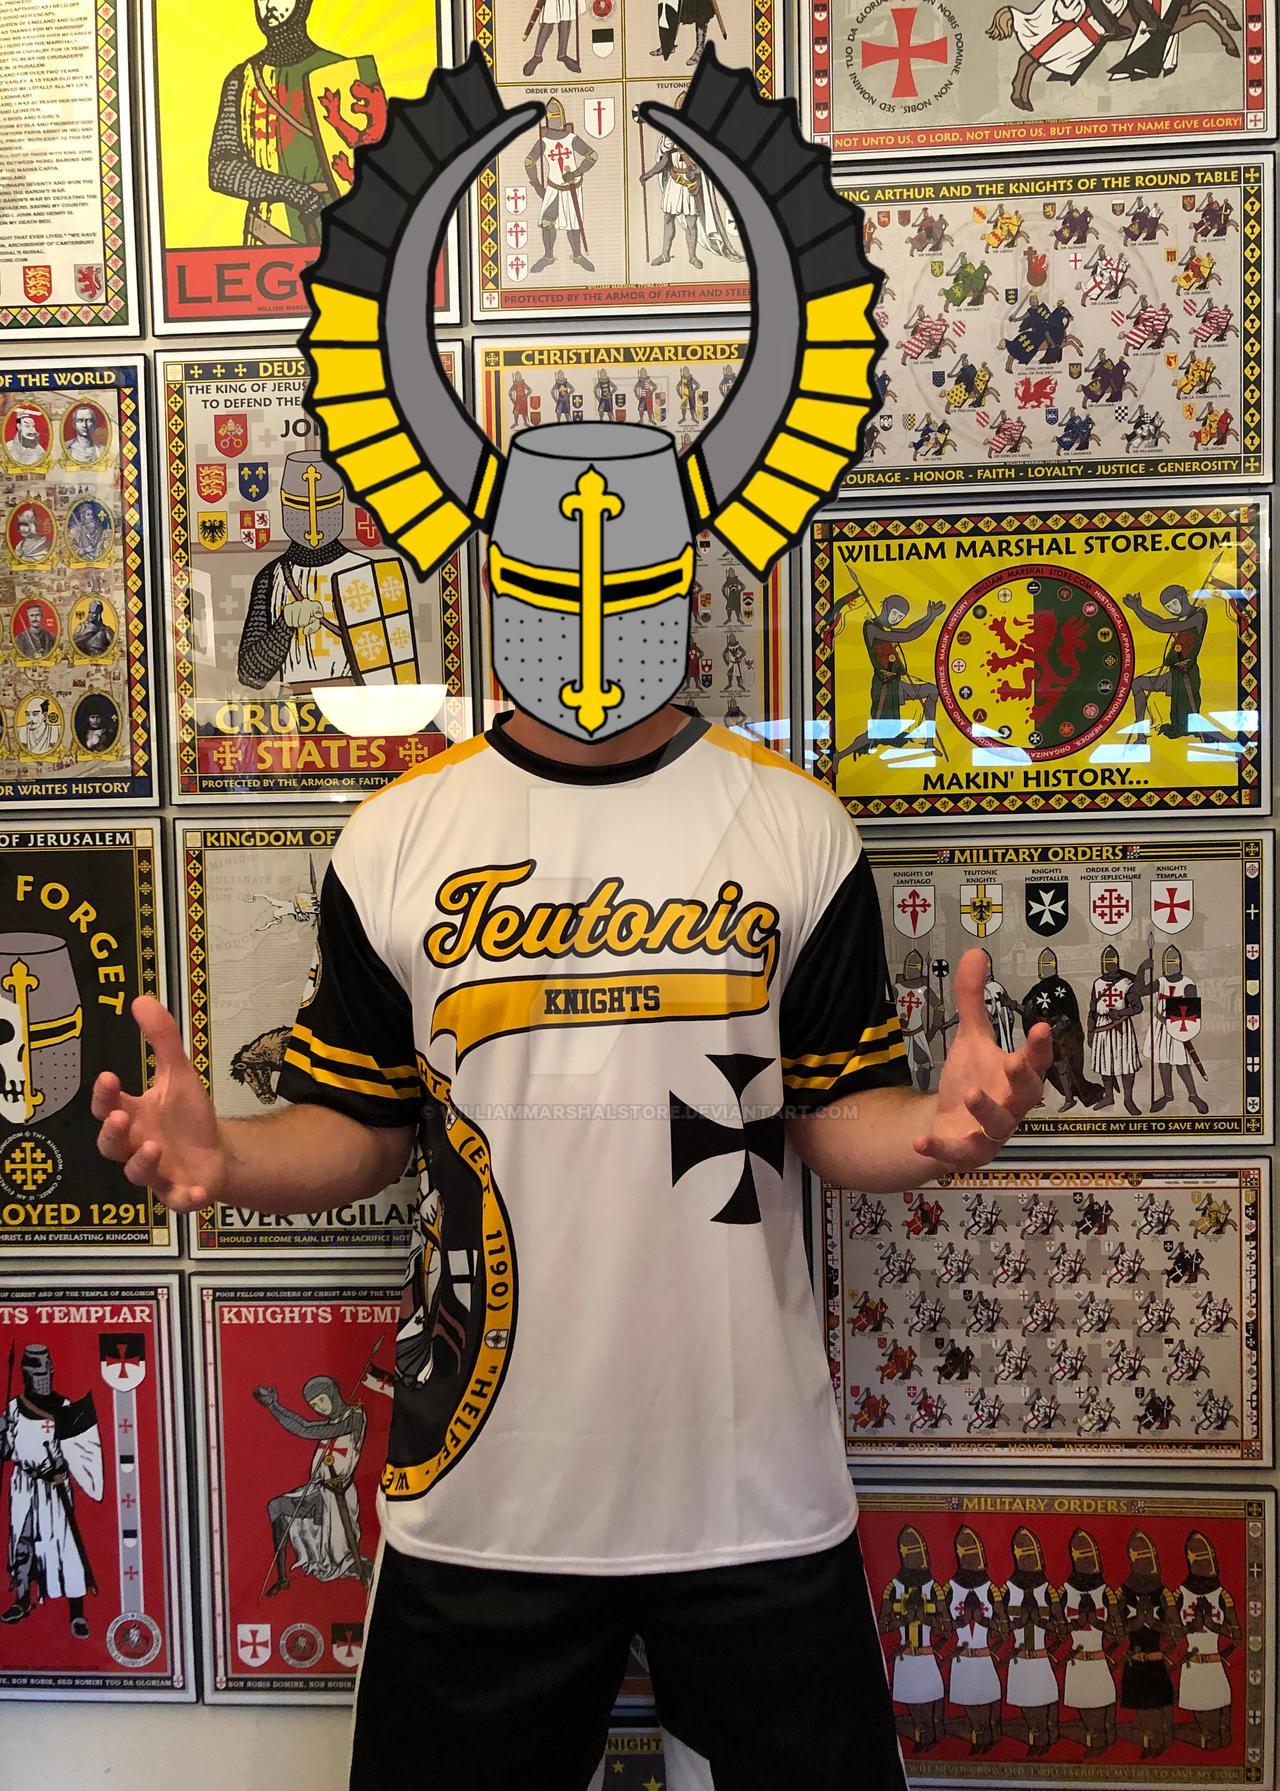 Teutonic Knight Jersey